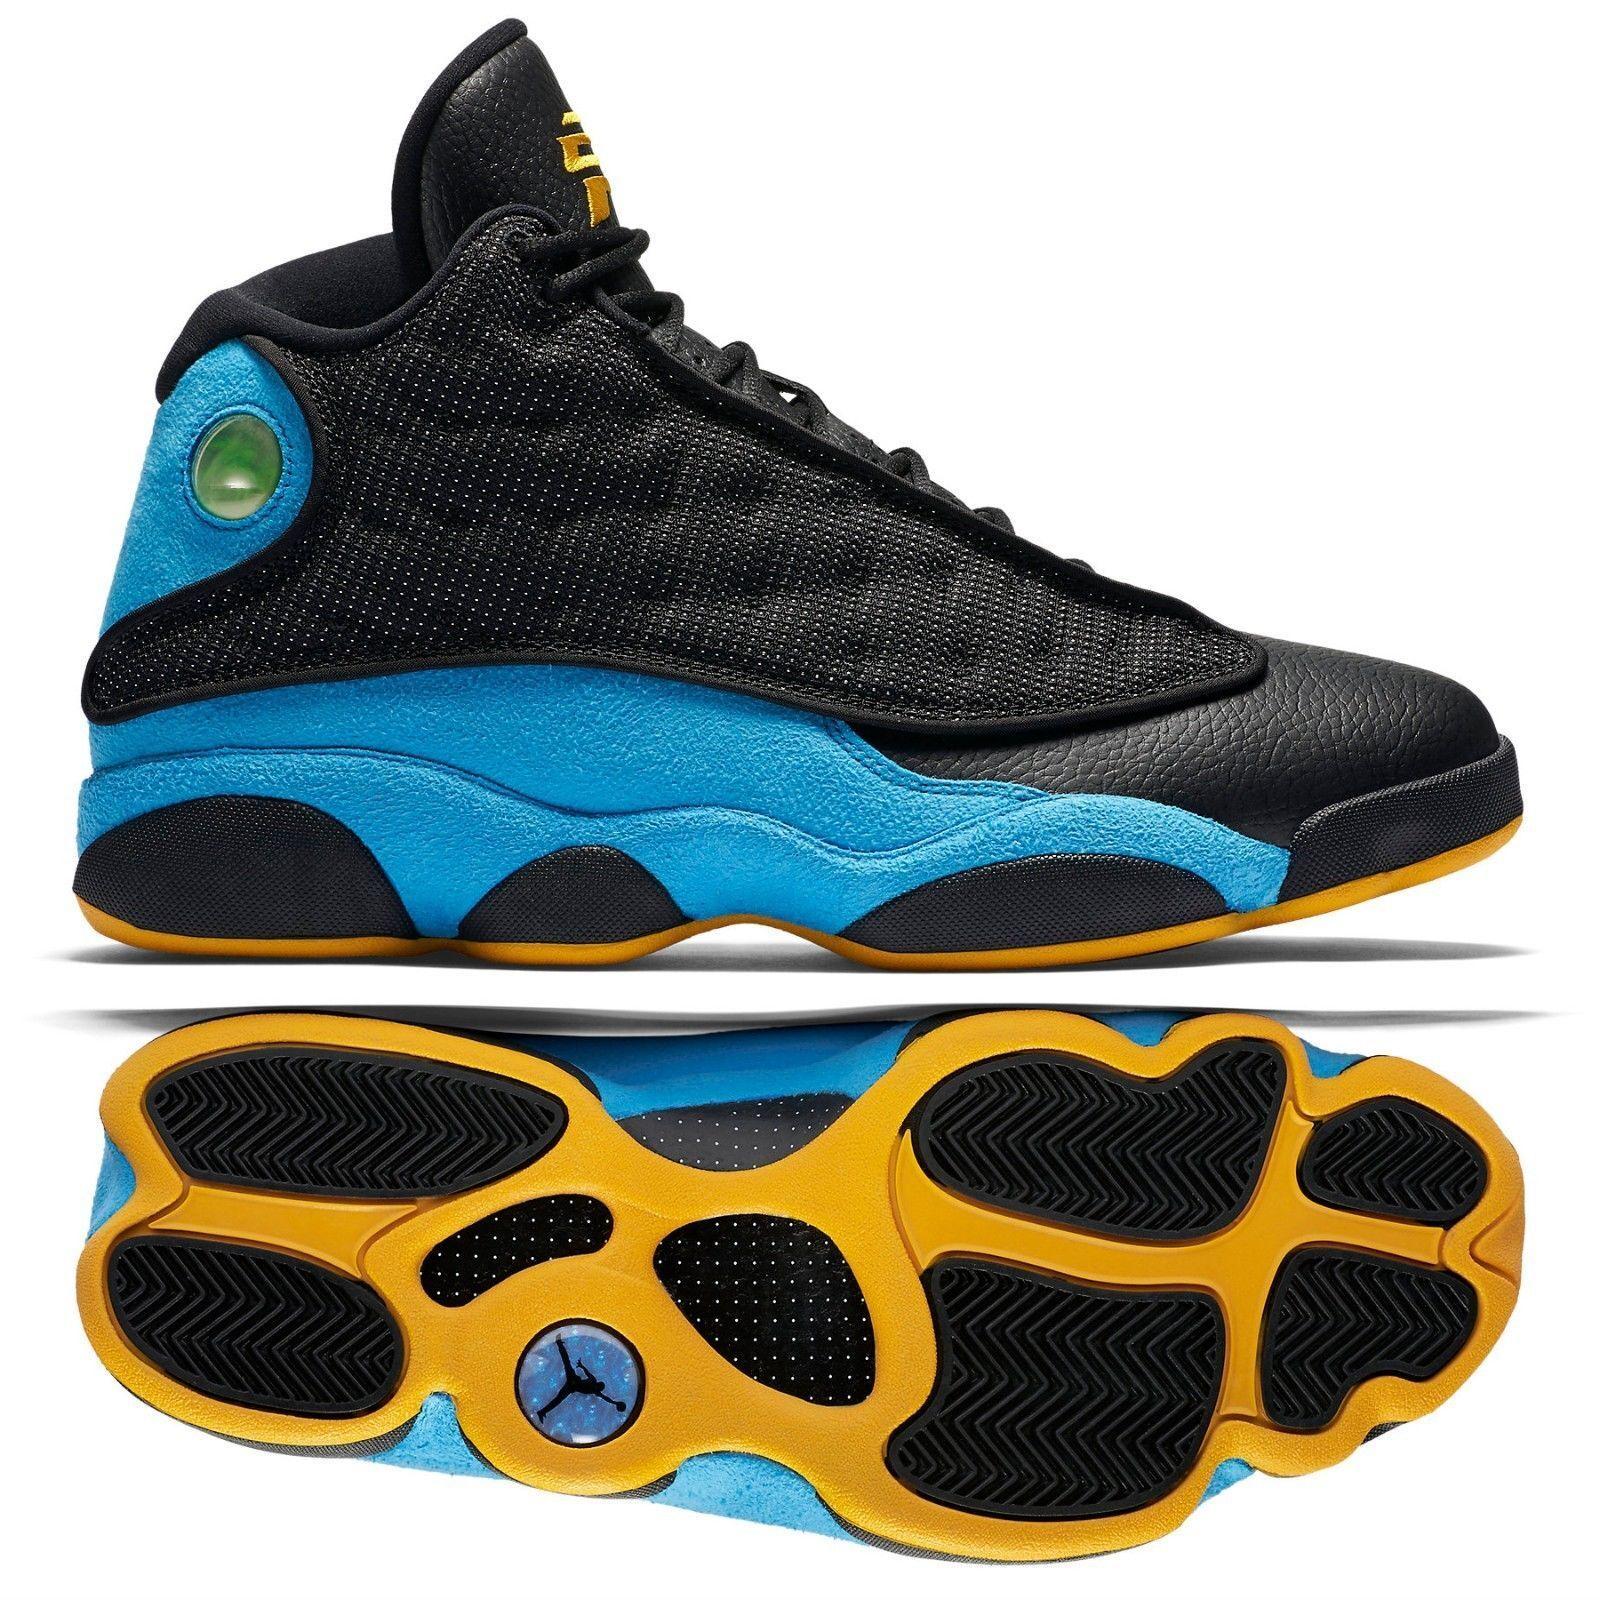 NIB Hombre Nike Jordan 13 Retro 823902-015 CP PE Chris Paul 823902-015 Retro tamaño 12 envio rapido, comodo y atractivo 56c7bd